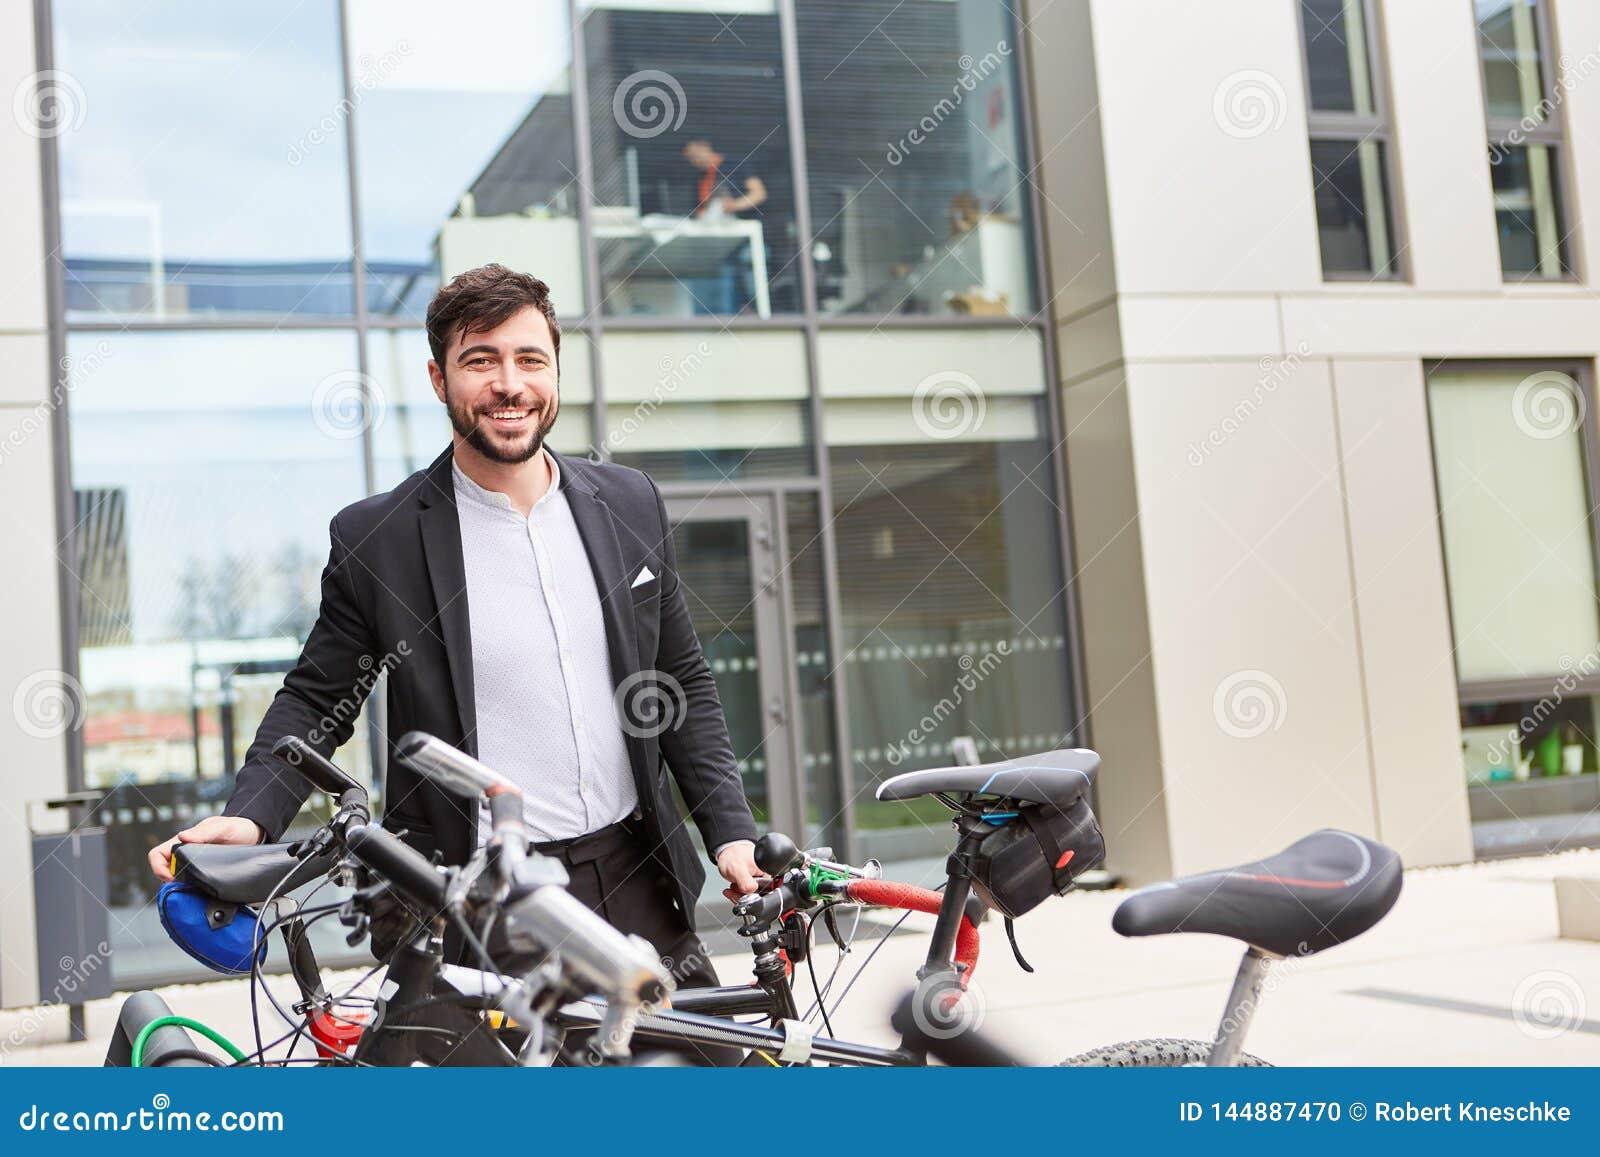 Hombre de negocios como ciclista clima-amistoso